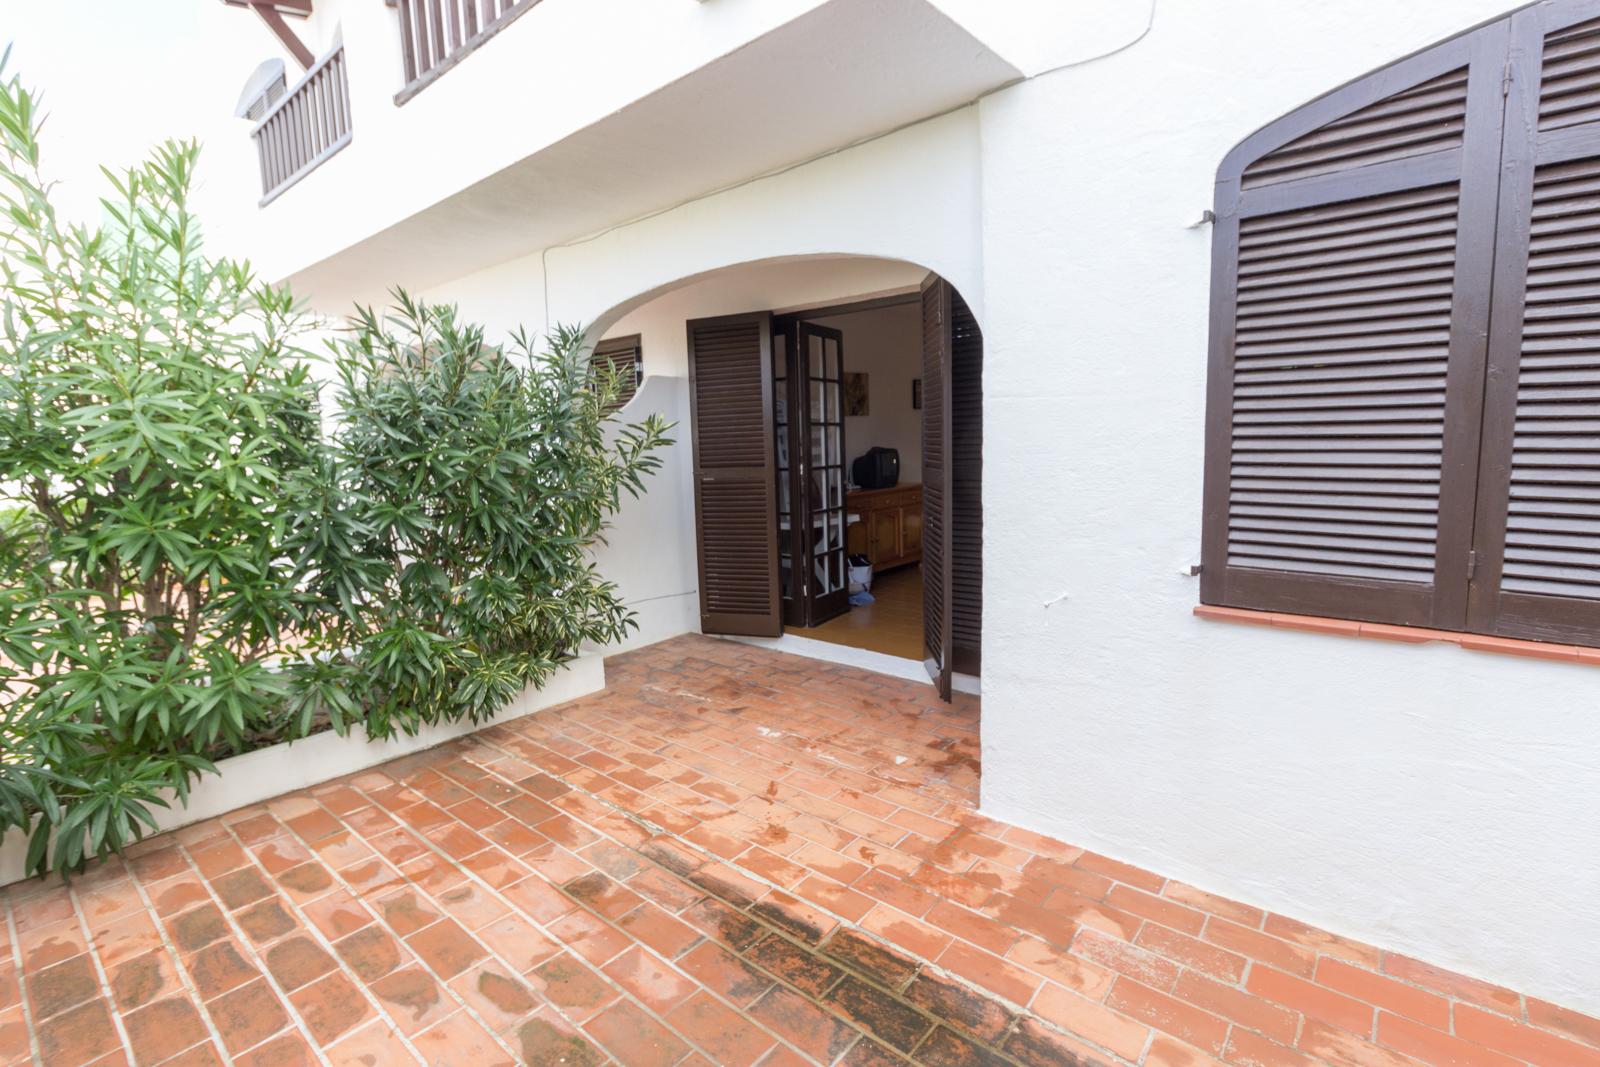 Wohnung in Son Parc Ref: M7728 (2) 12